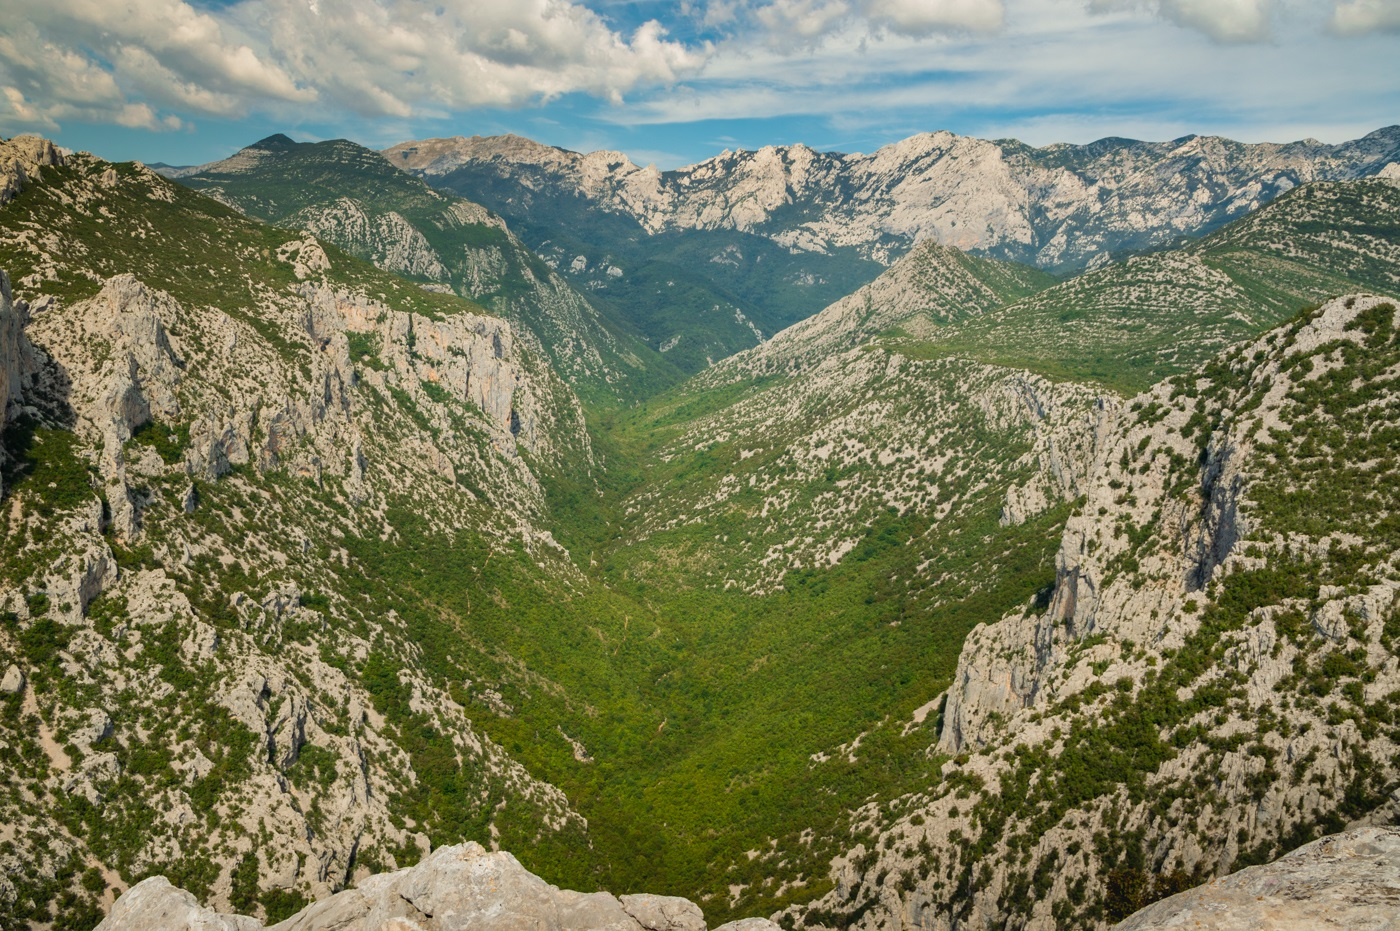 Szlaki Wielka Paklenica